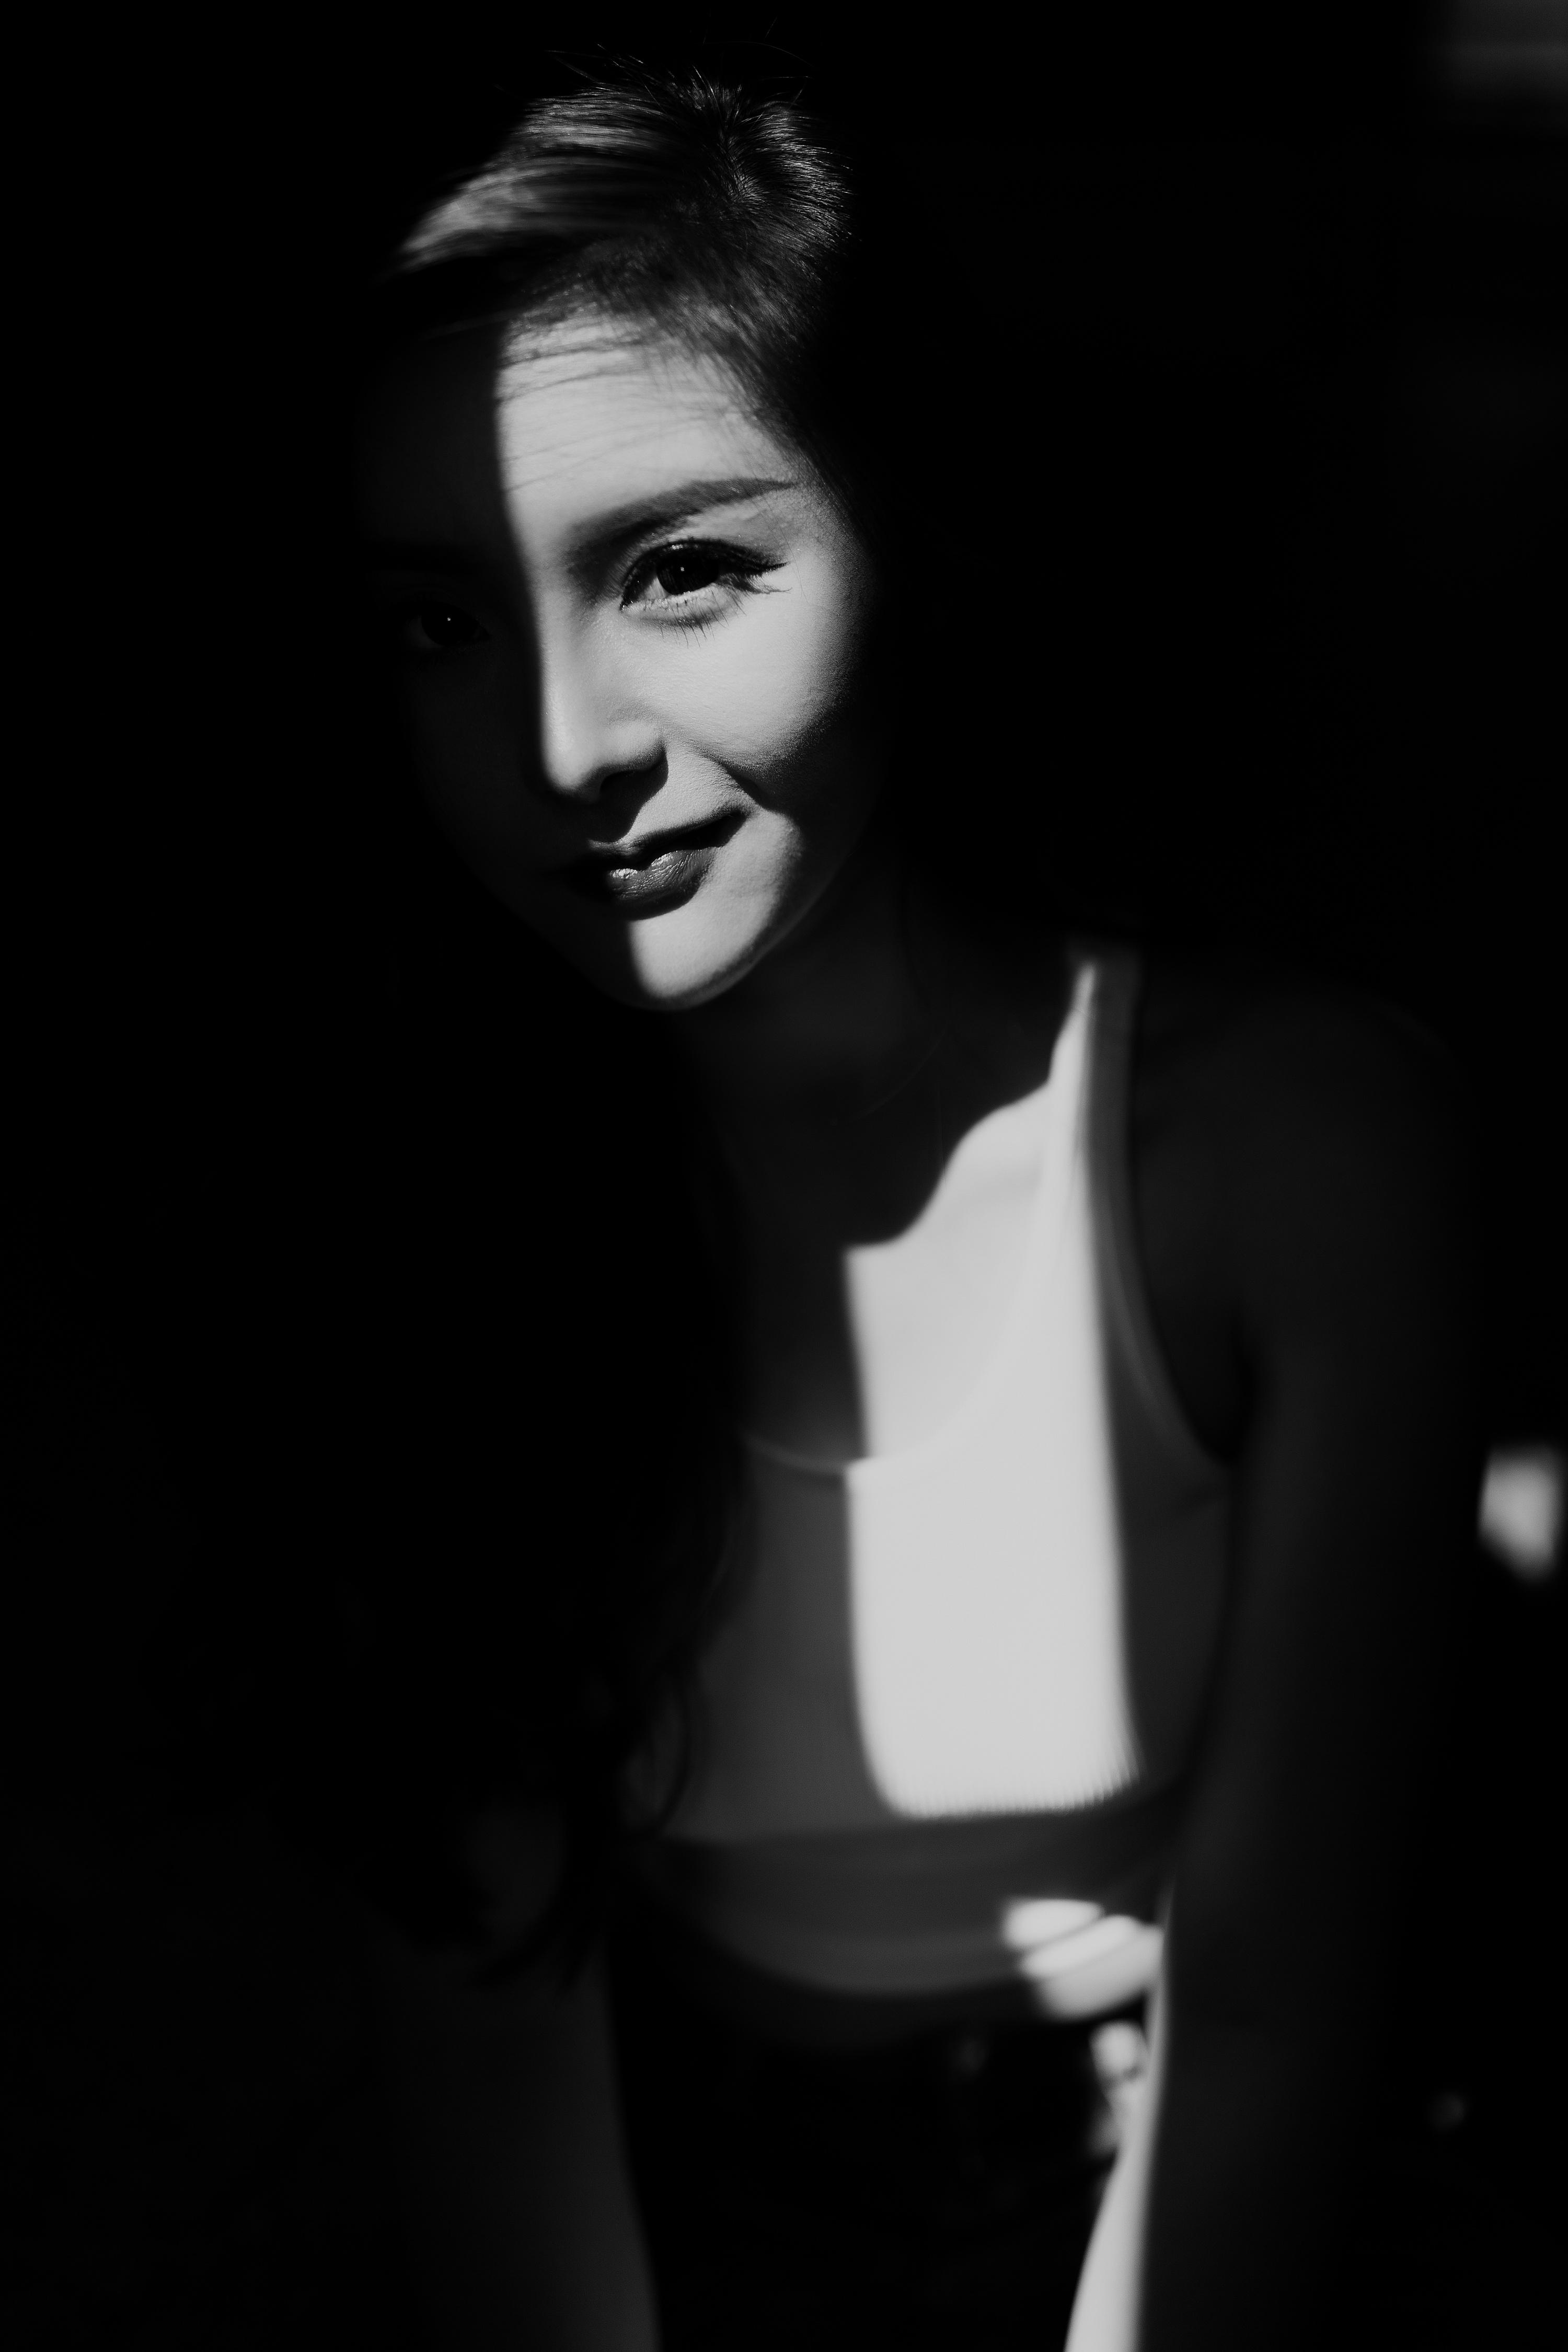 穿过你的黑发我的脸_穿过我的镜头你的脸 摄影 人像 MixMico - 原创作品 - 站酷 (ZCOOL)